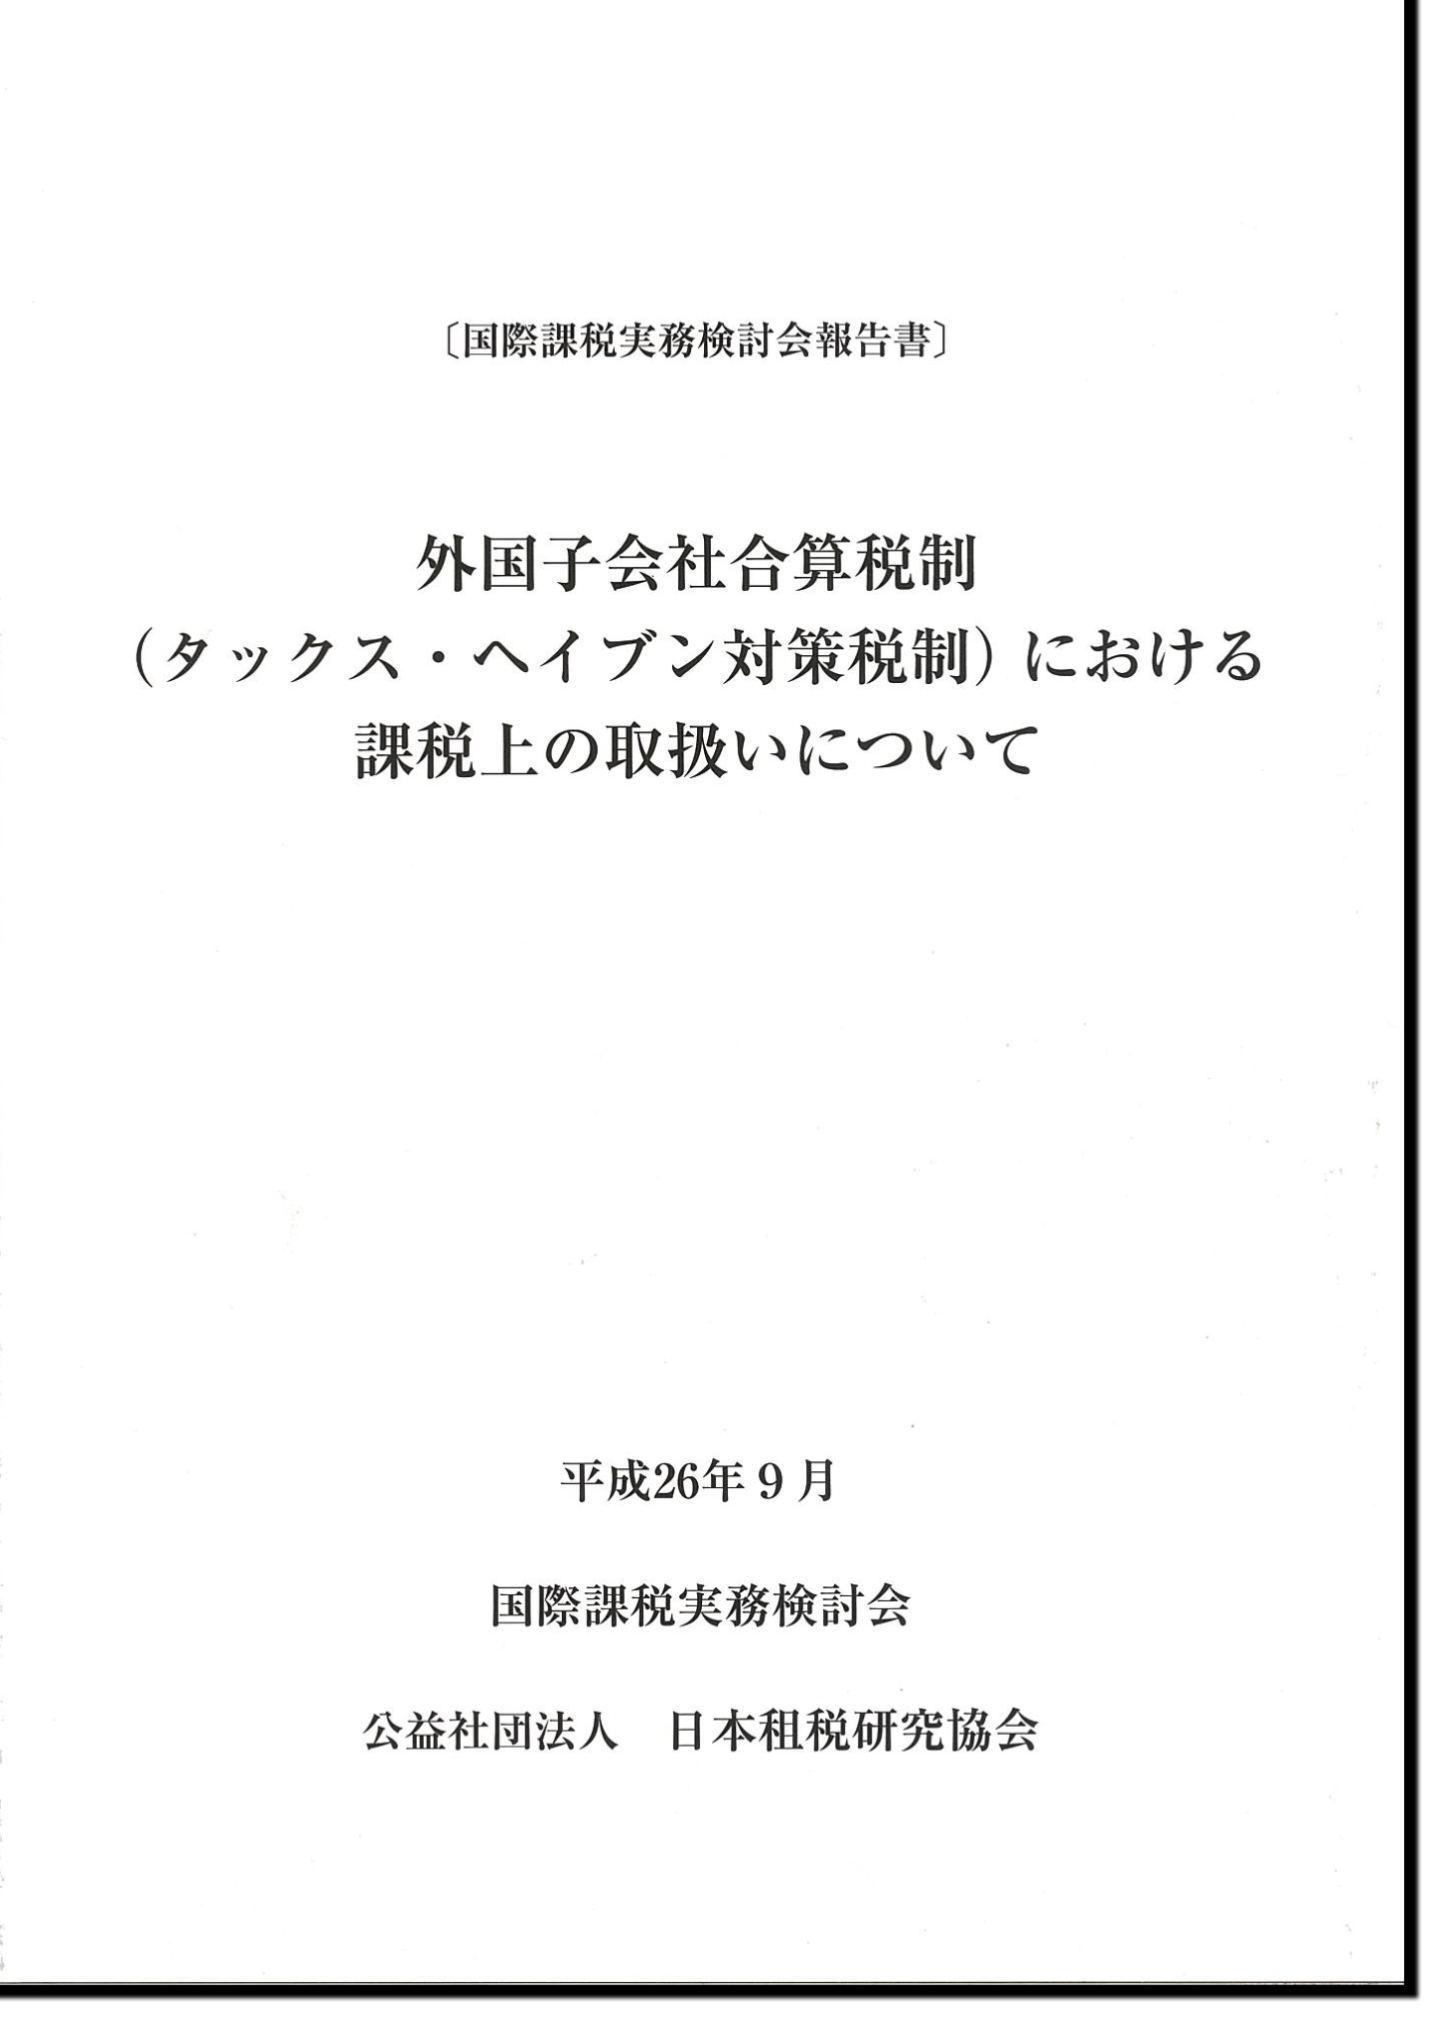 〔国際課税実務検討会報告書〕 外国子会社合算税制(タックス・ヘイブン対策税制)における課税上の取扱いについて